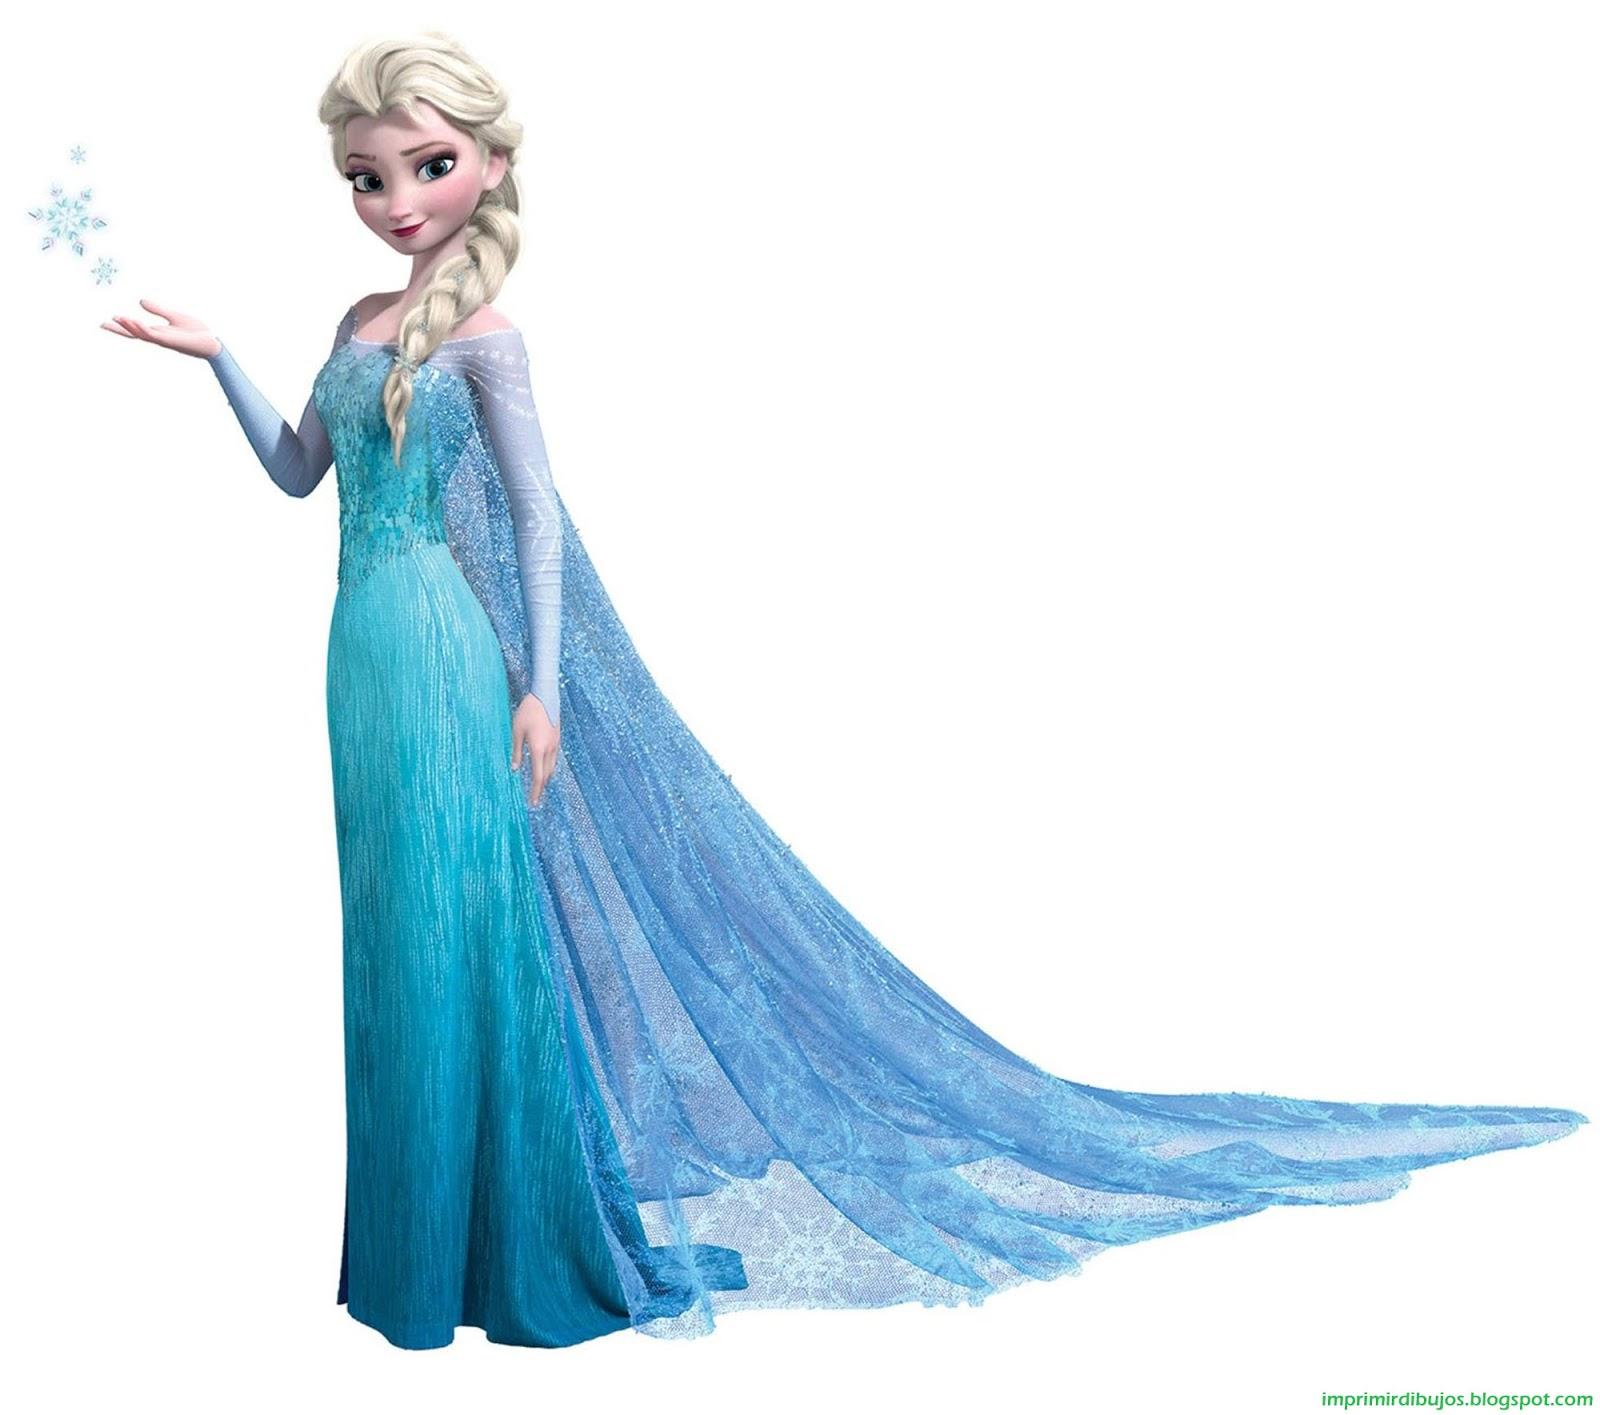 Imprimir Dibujos Personajes de Frozen  El Reino del Hielo para